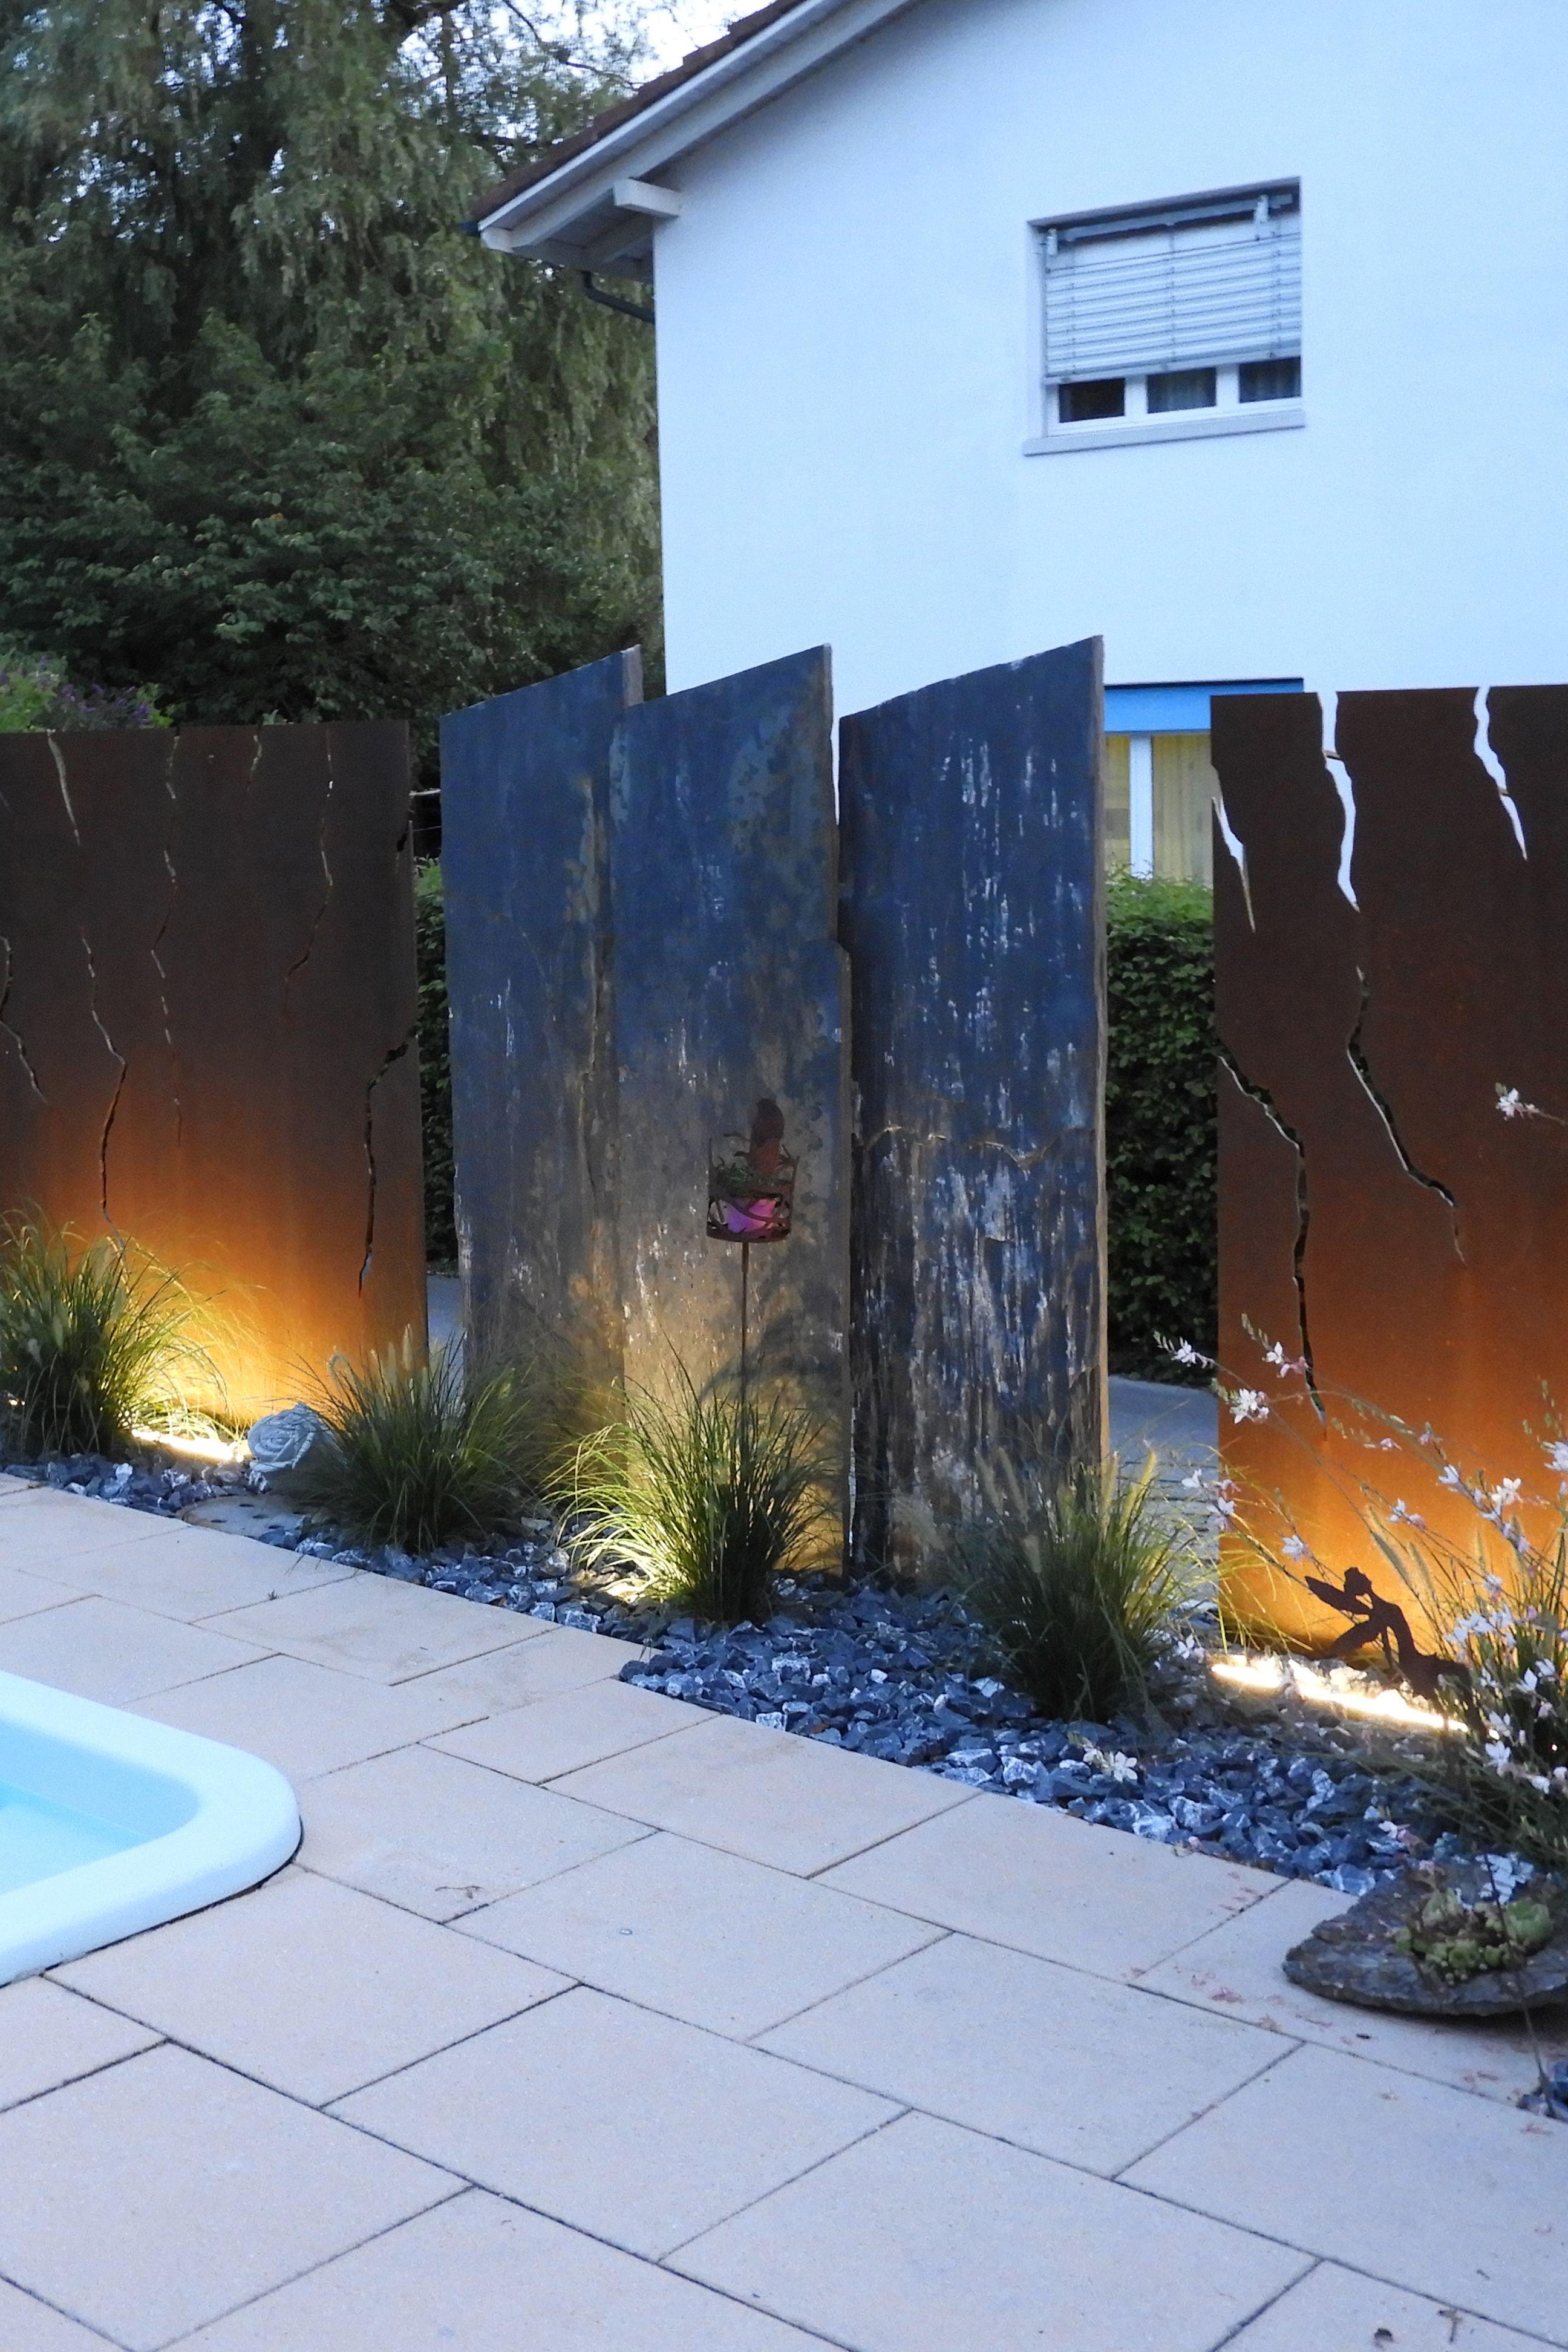 Pin Von Susana Juilfs Auf Muro Sichtschutzwände Sichtschutzwand Garten Sichtschutz Garten Sichtschutzwände